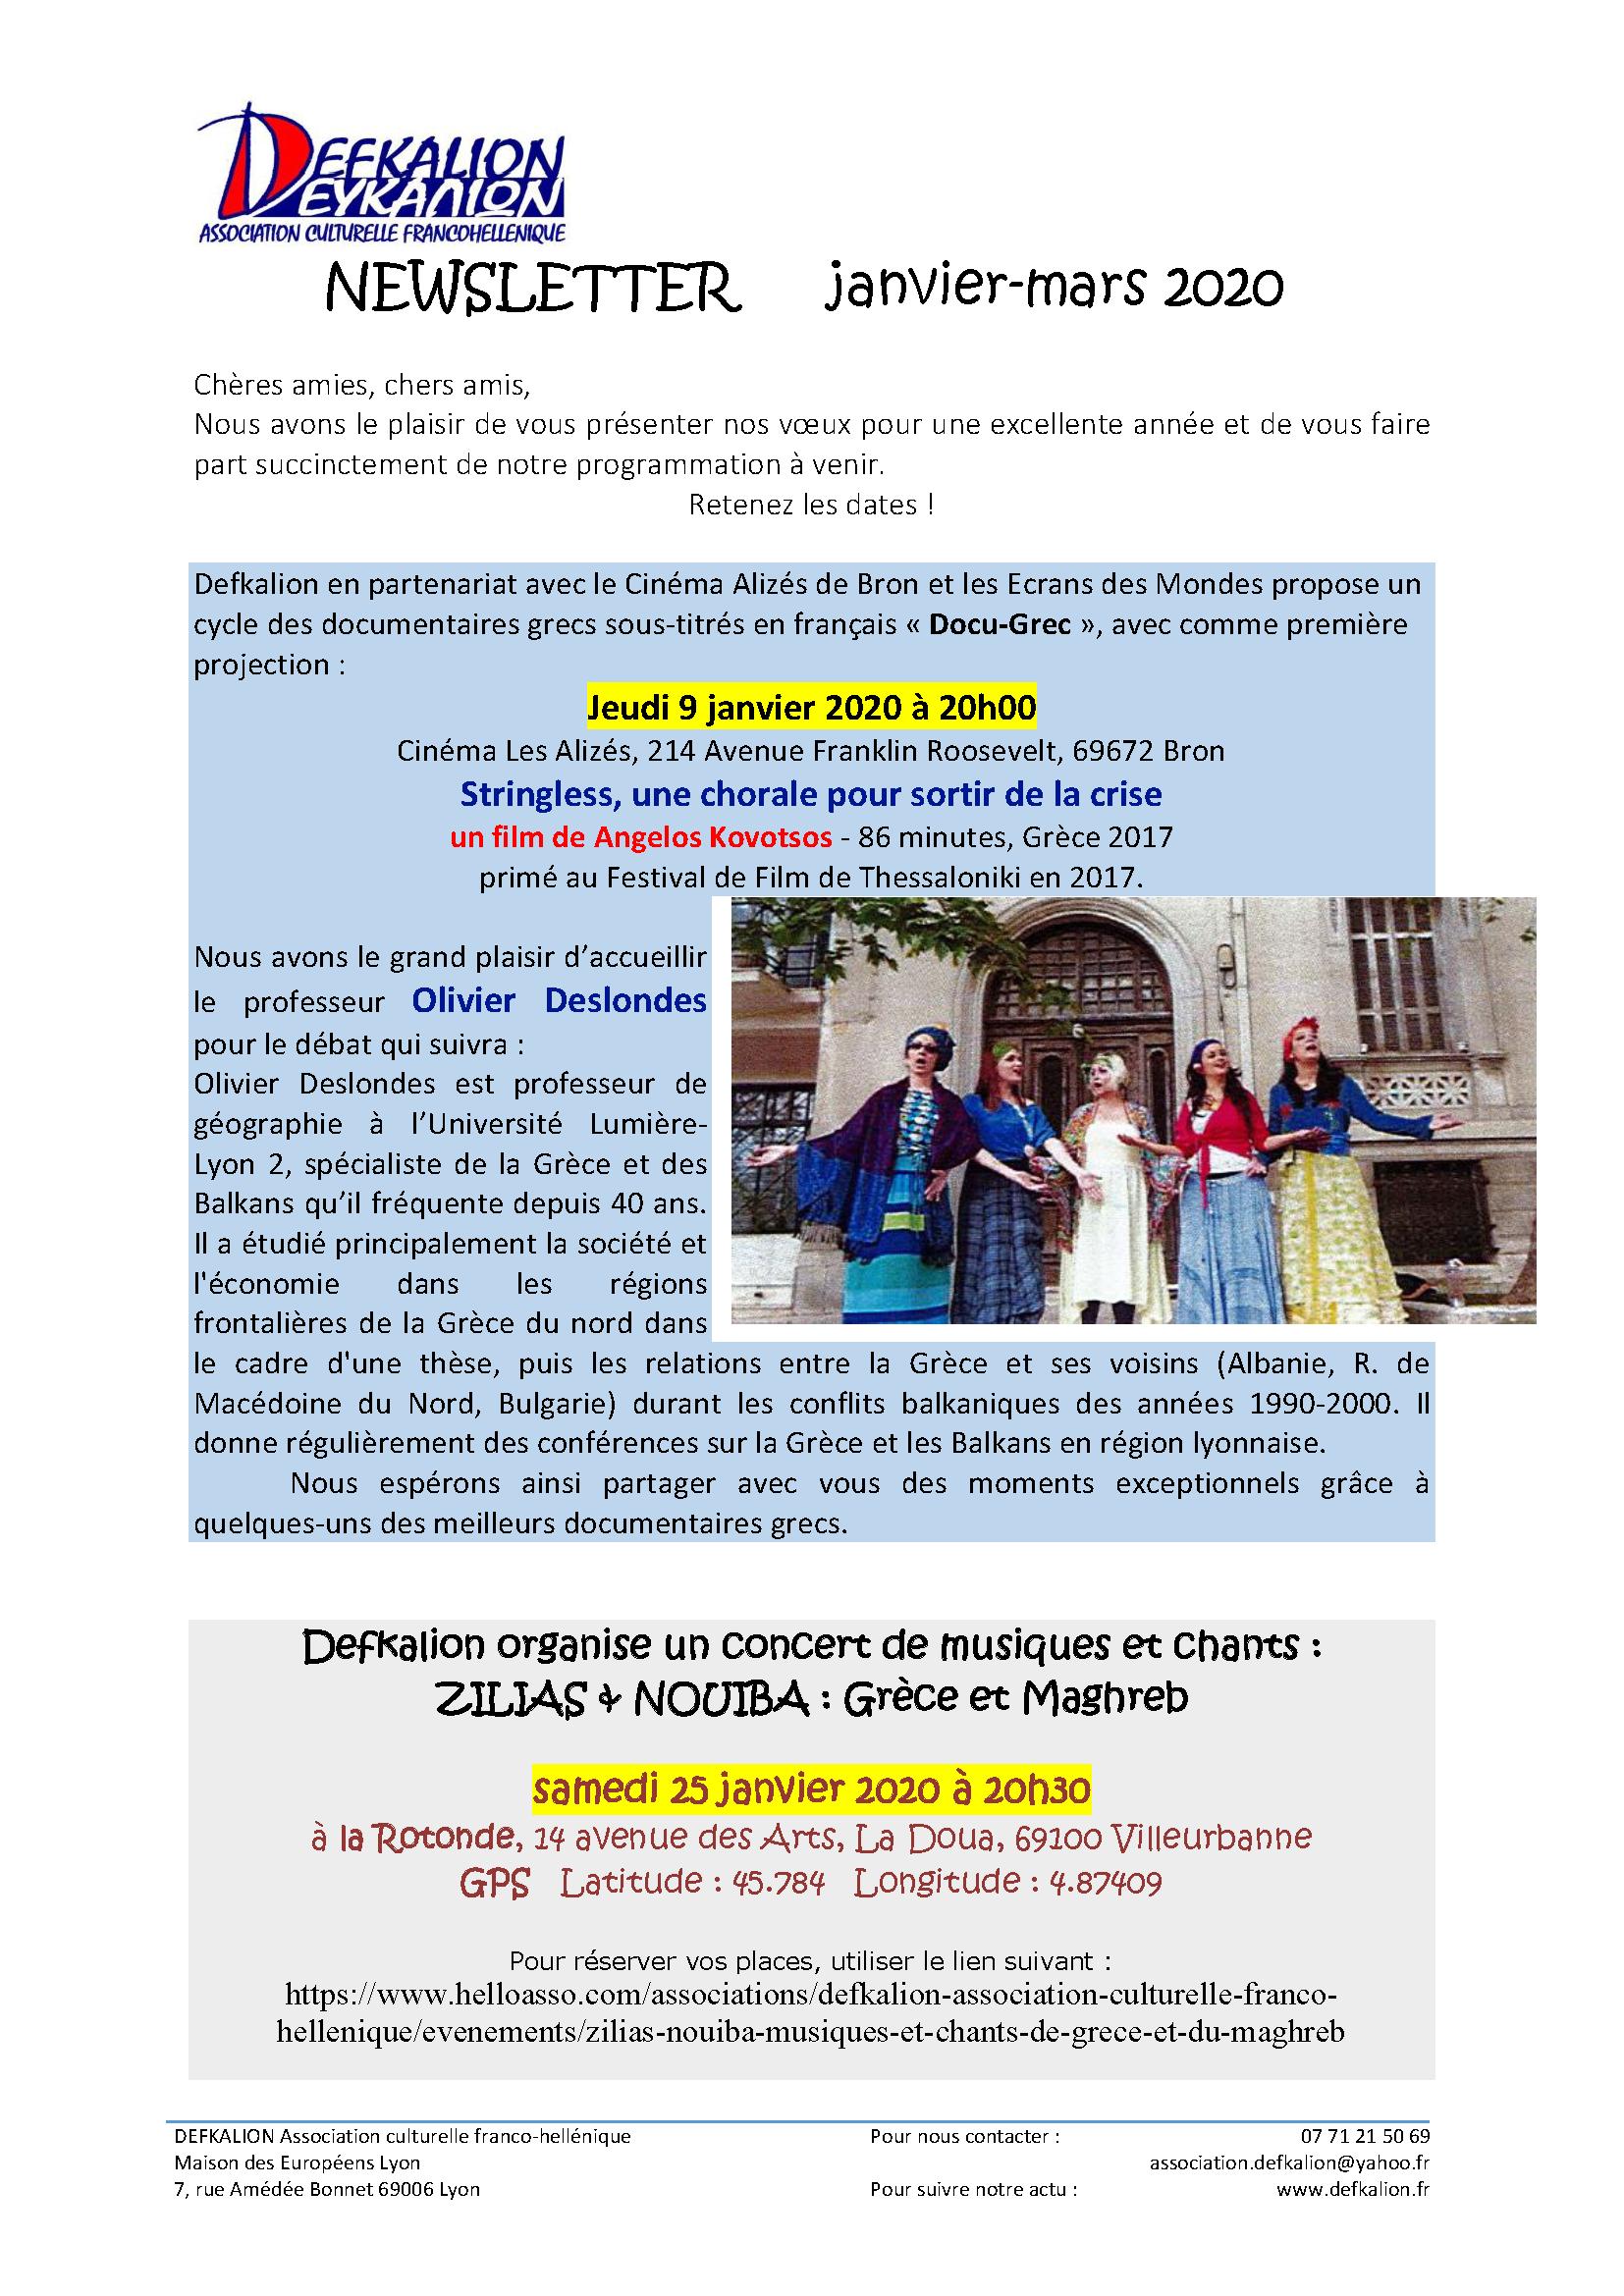 Defkalion newsletter 1er trimestre 2020 - v2_Page_1